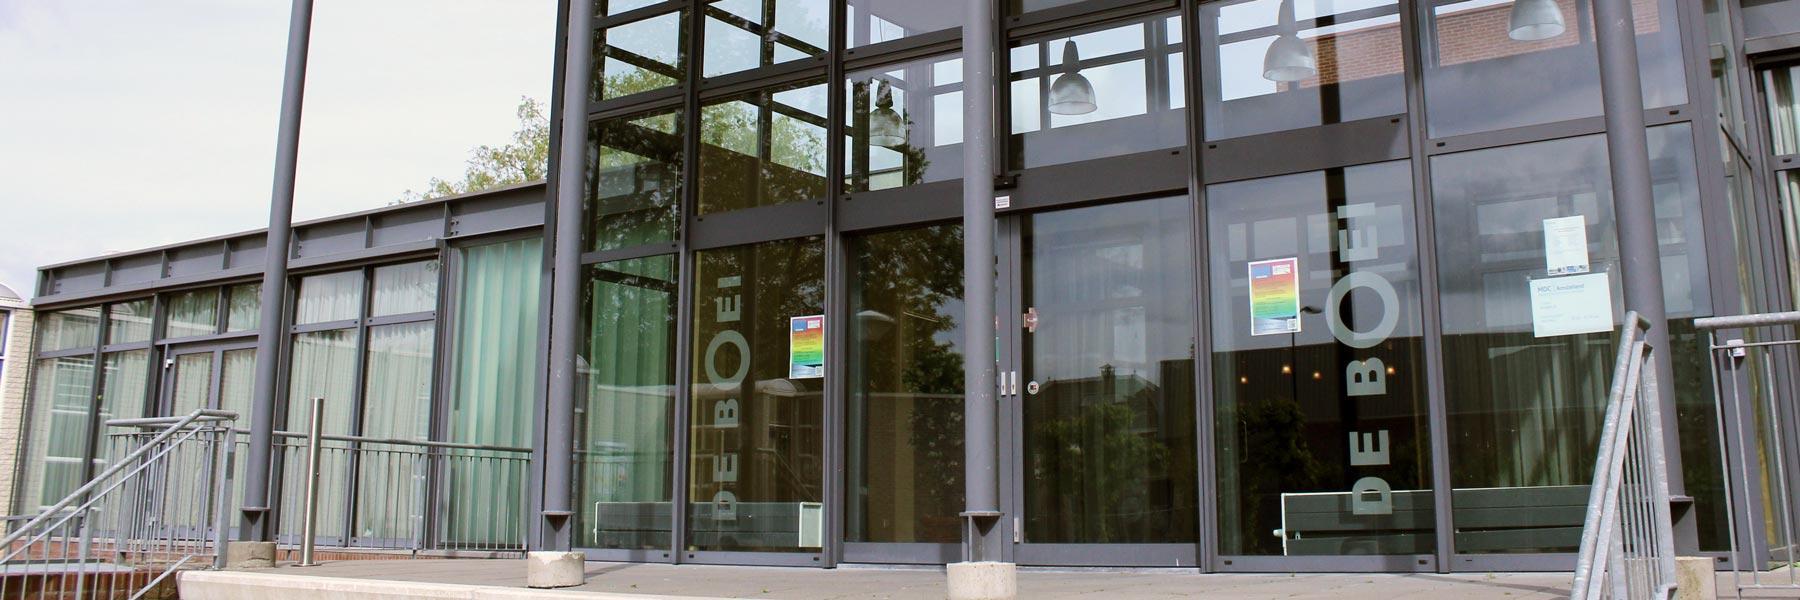 Sociaal Cultureel Centrum de Boei 2